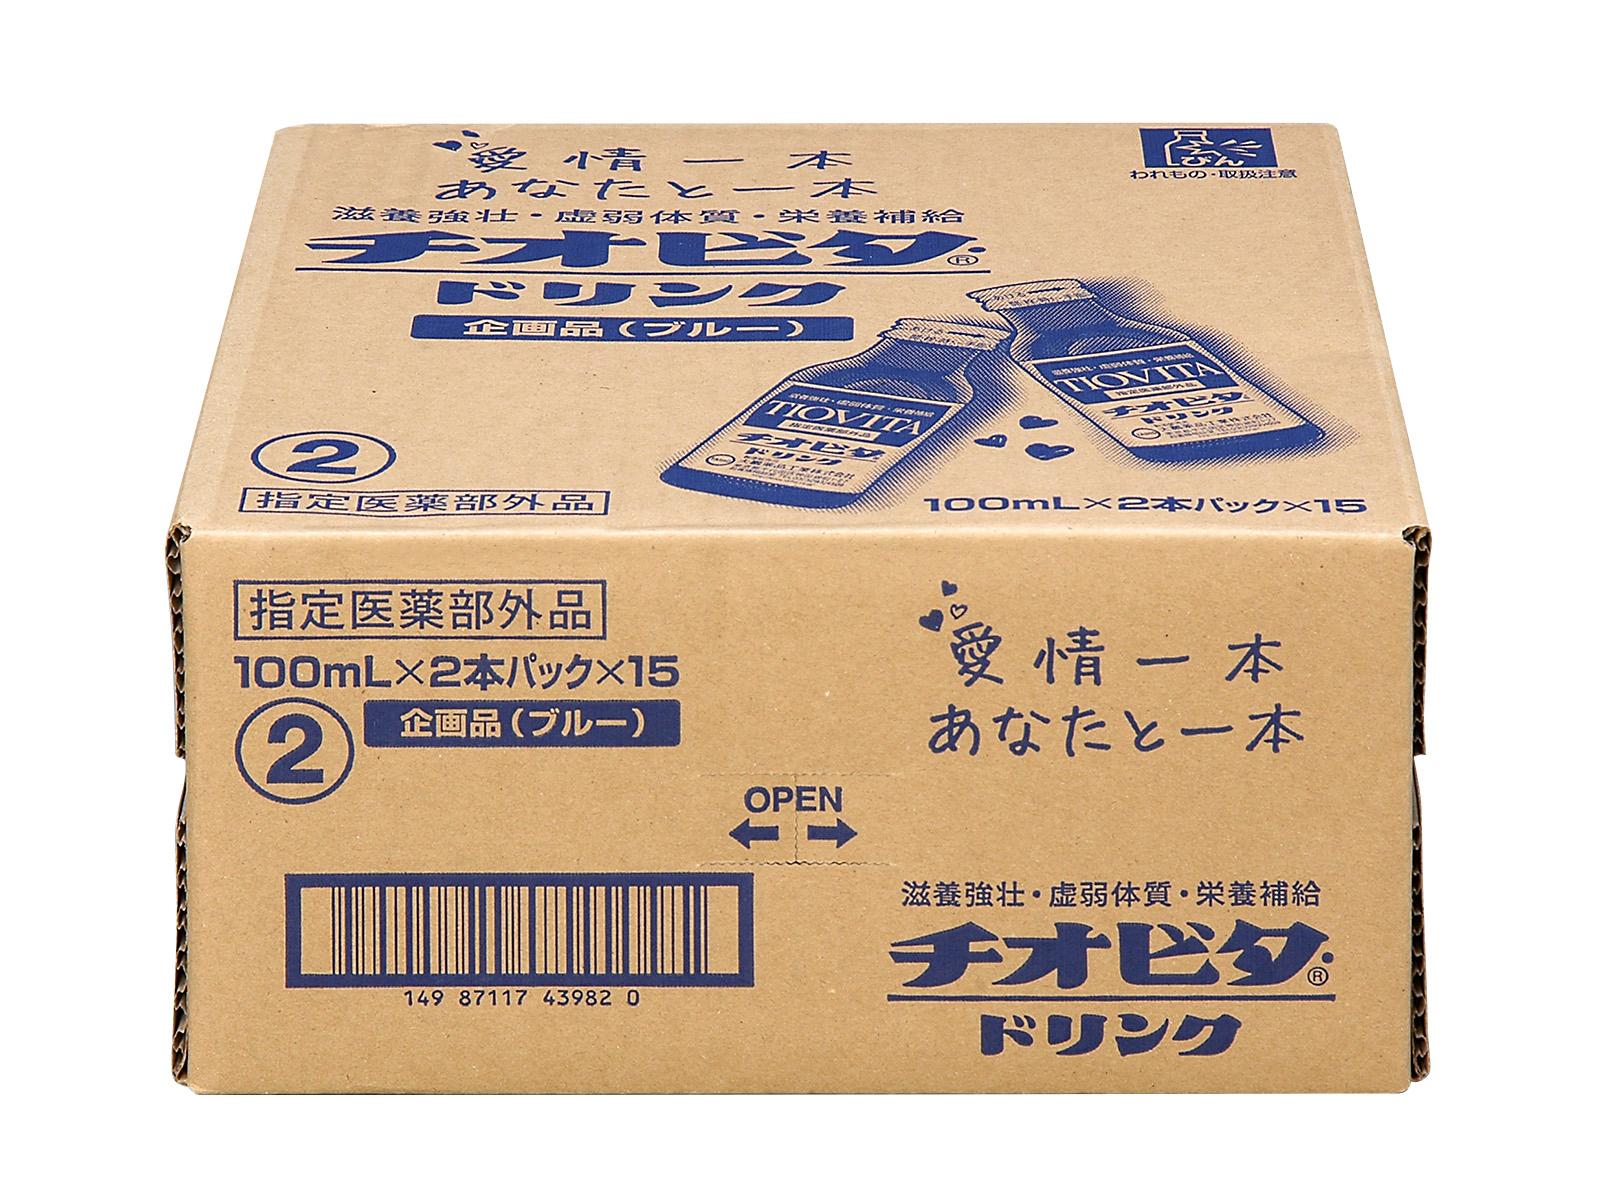 チオビタ・ドリンク 100ml×2本x15 ブルー